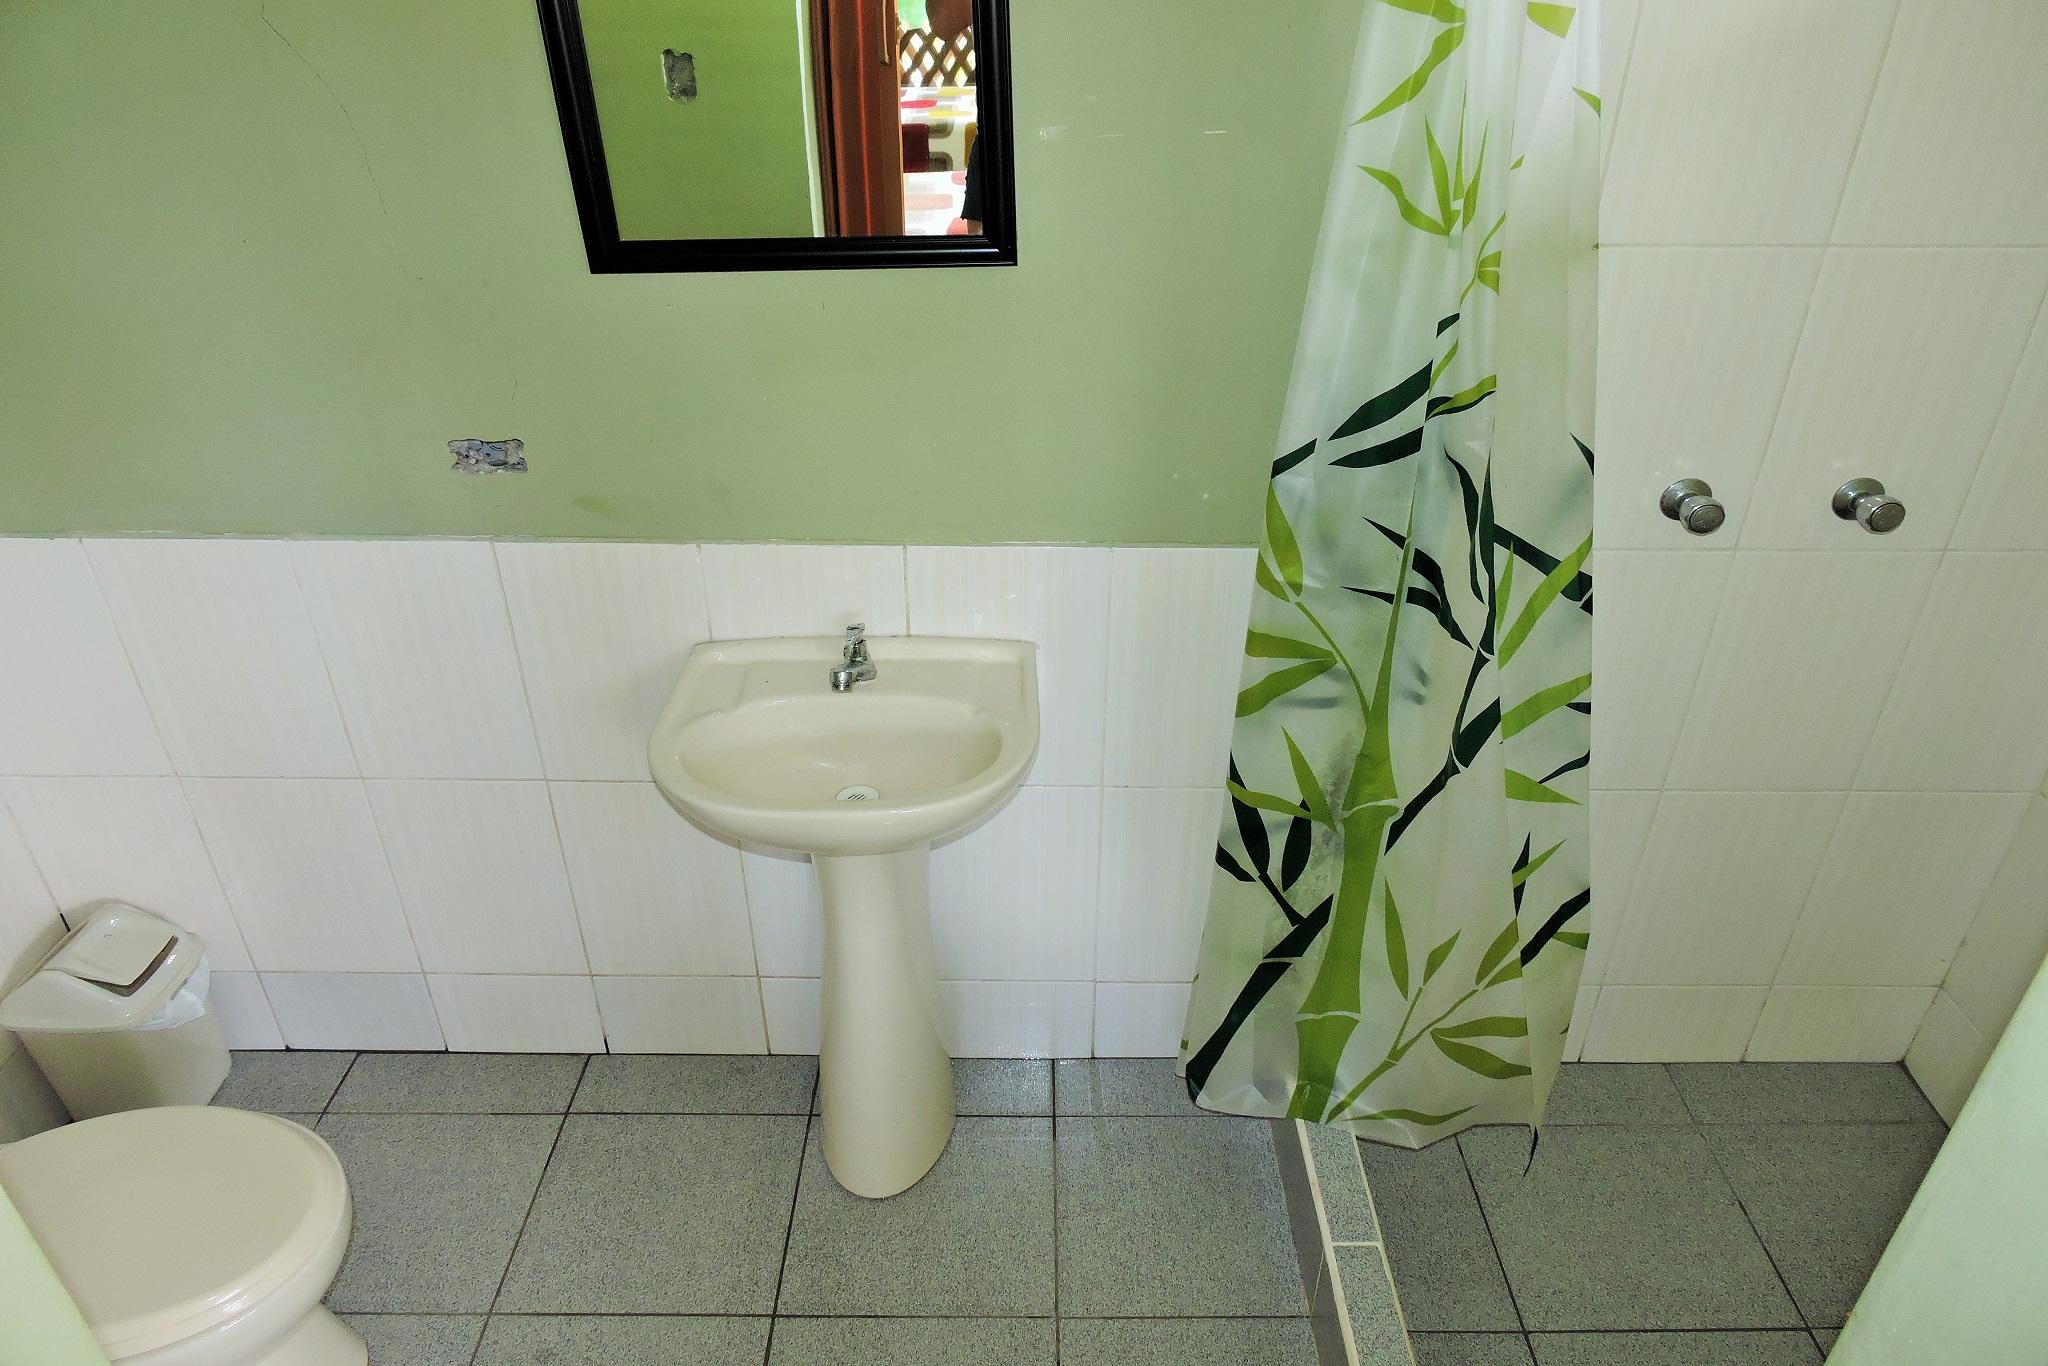 https://www.wildwatchperu.com/wp-content/uploads/2019/04/Guadalupe-Lodge-manu-private-toilets.jpg